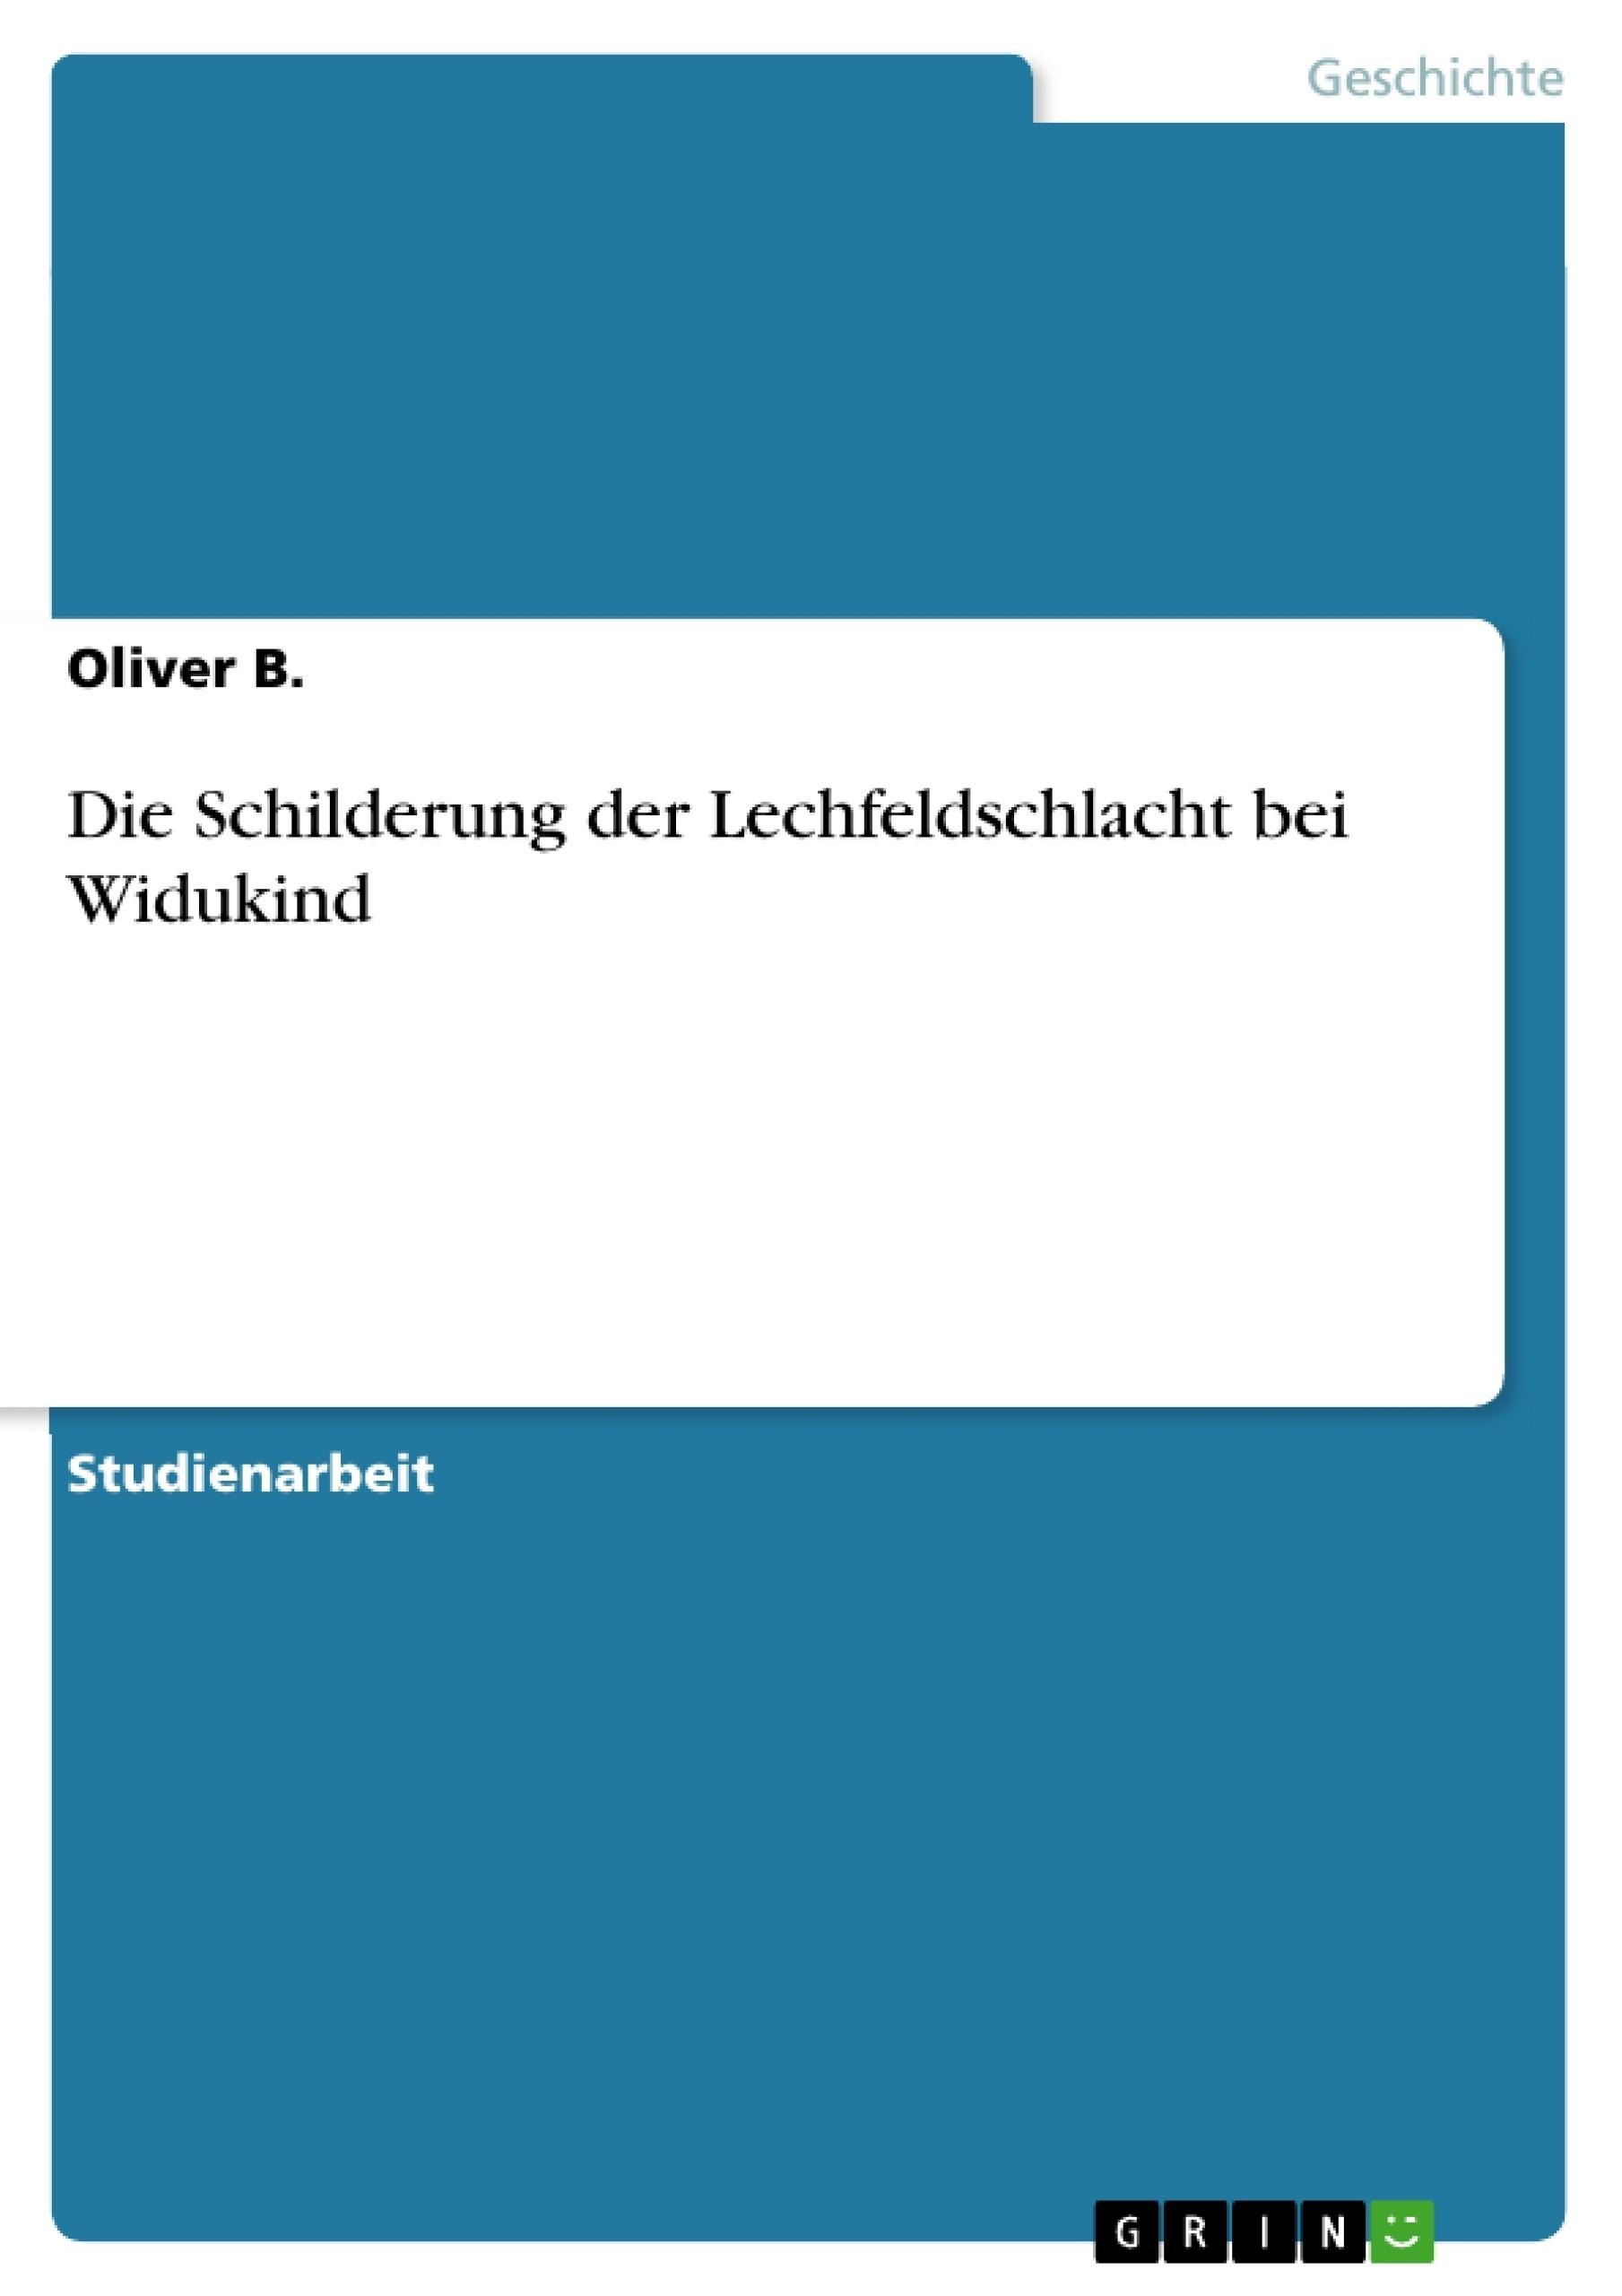 Titel: Die Schilderung der Lechfeldschlacht bei Widukind